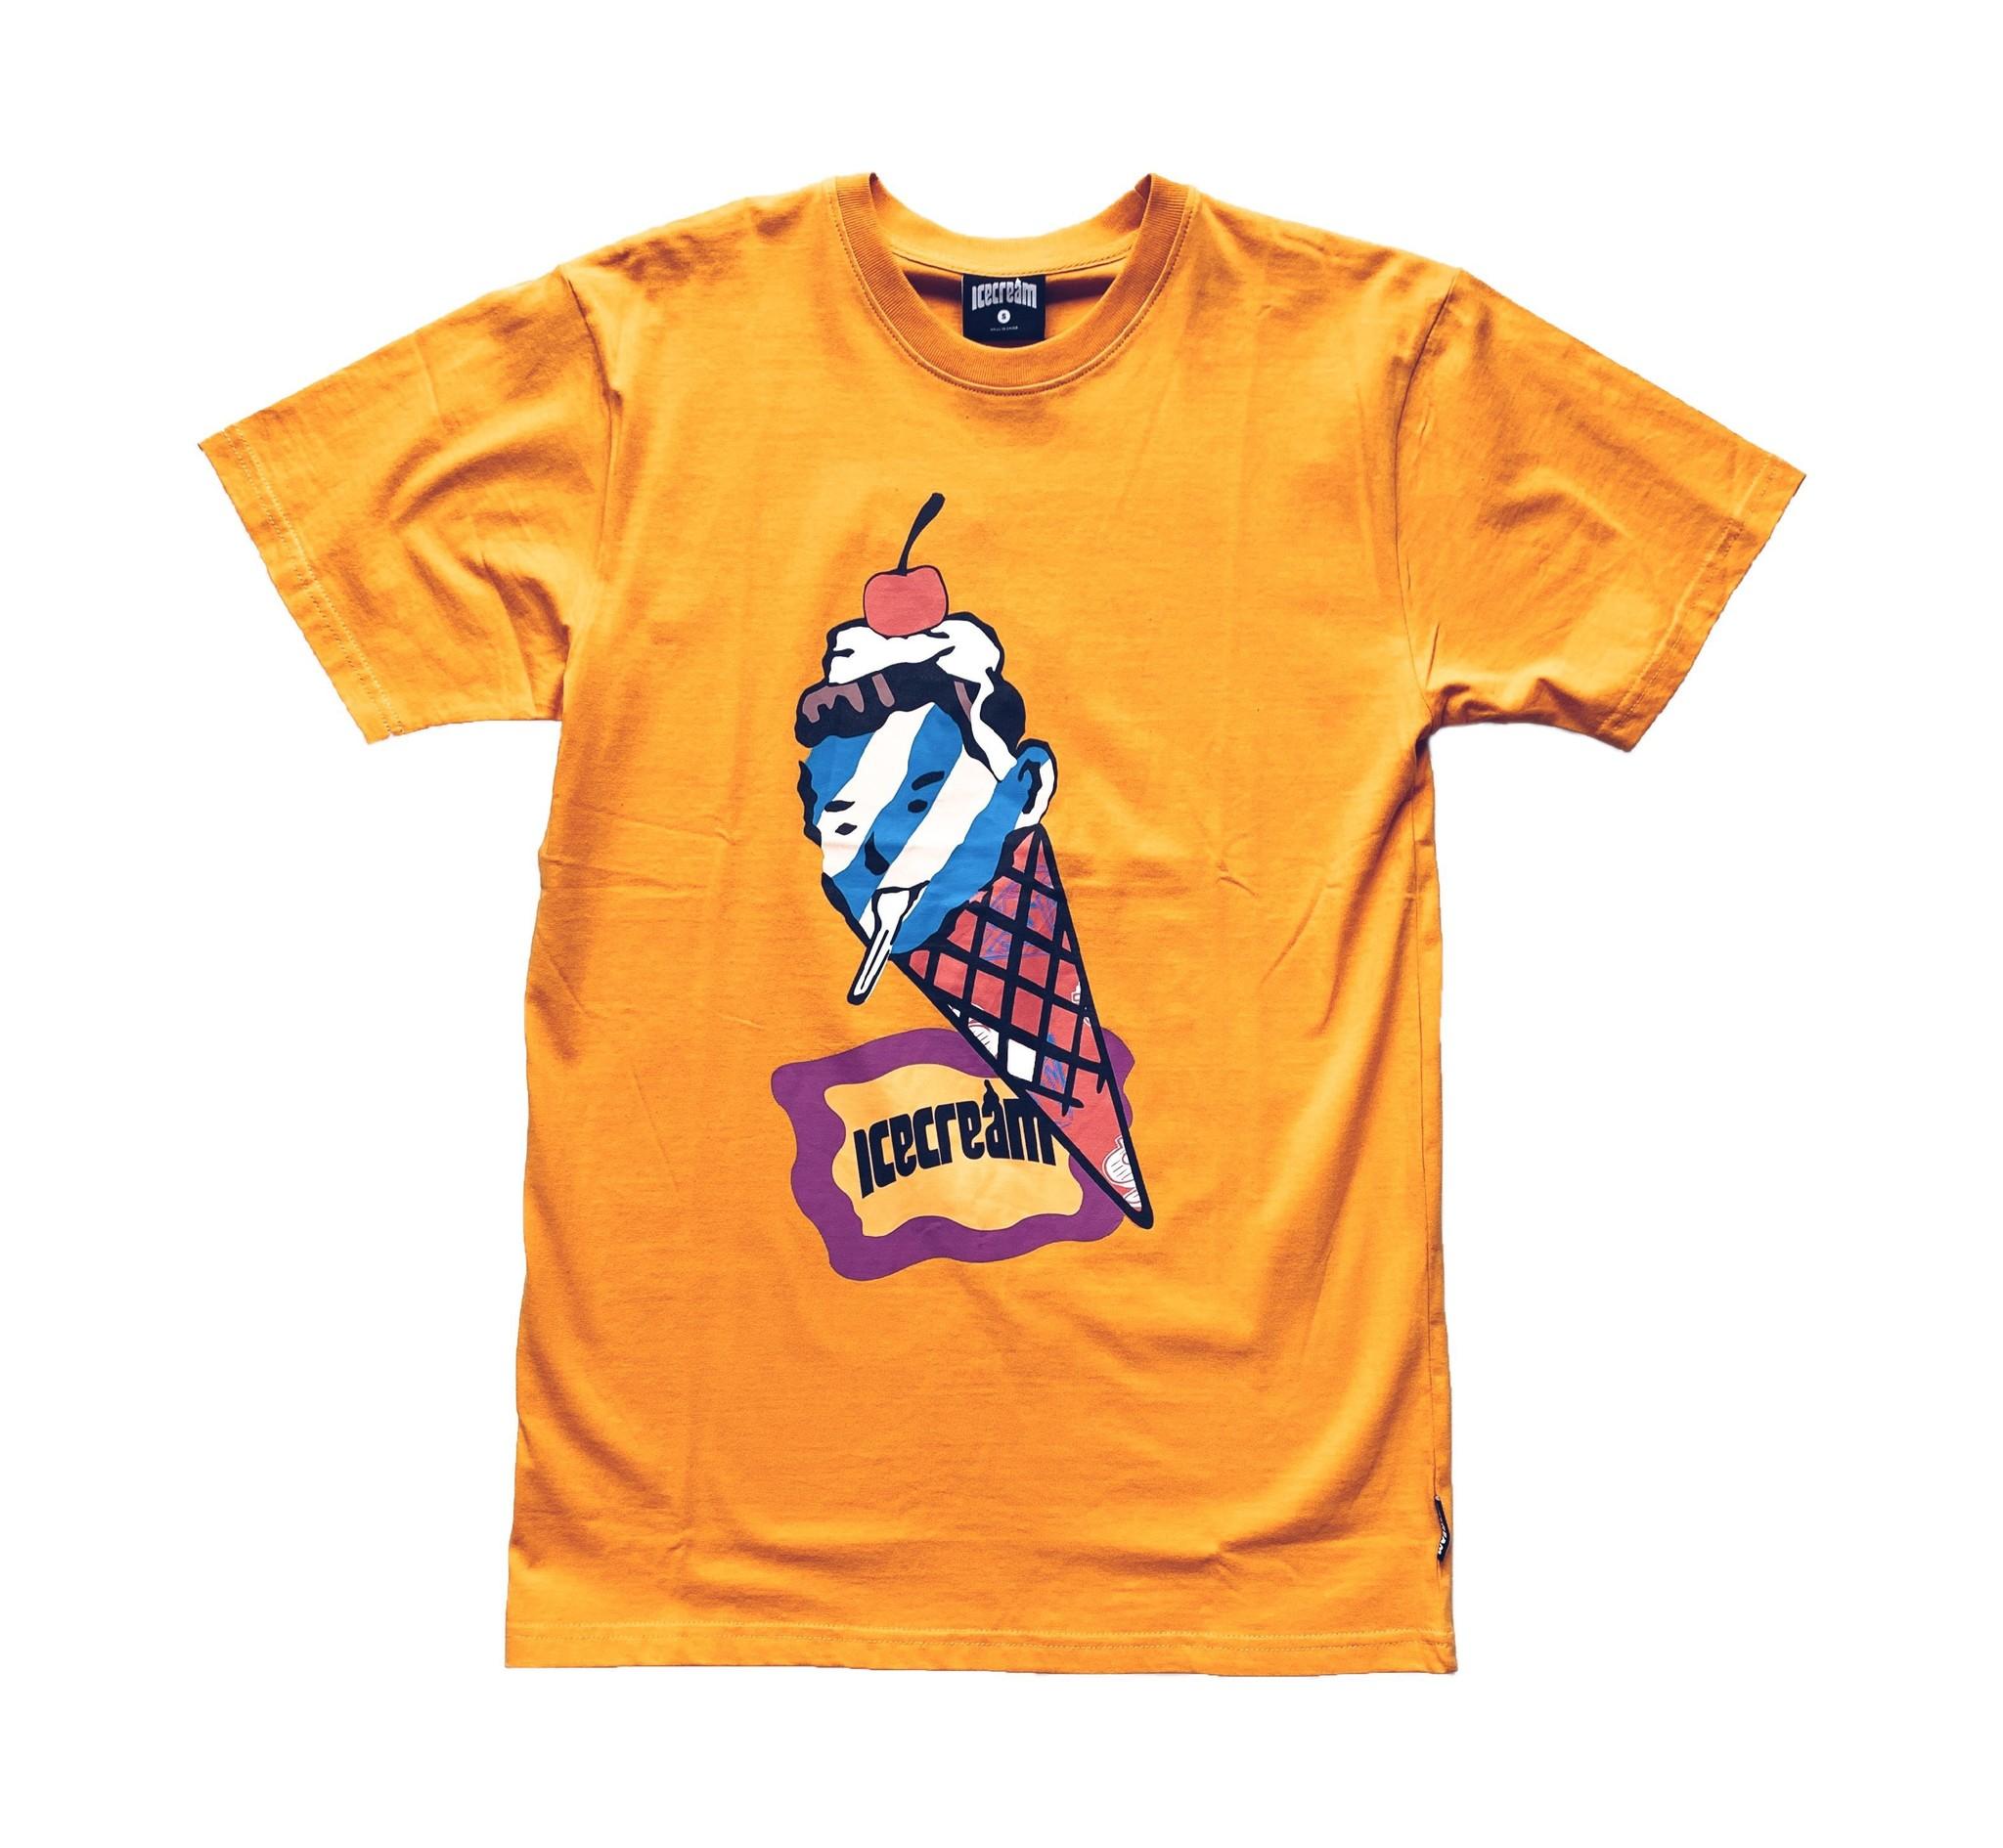 Icecream Icecream Cone Head Tee Yellow